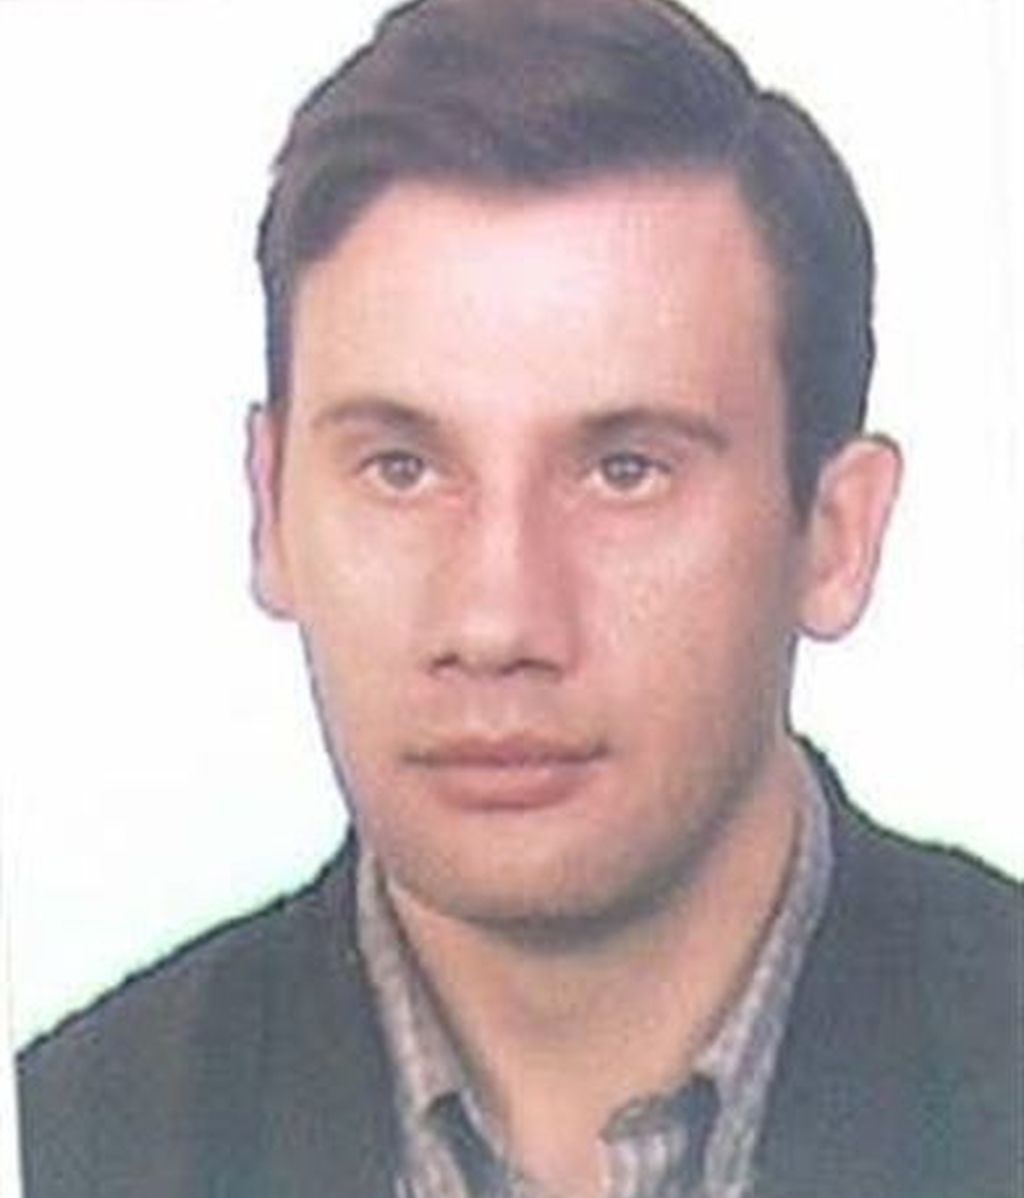 La Policía busca a un hombre de 40 años que desapareció el viernes en Lugo. Foto: Policía Nacional